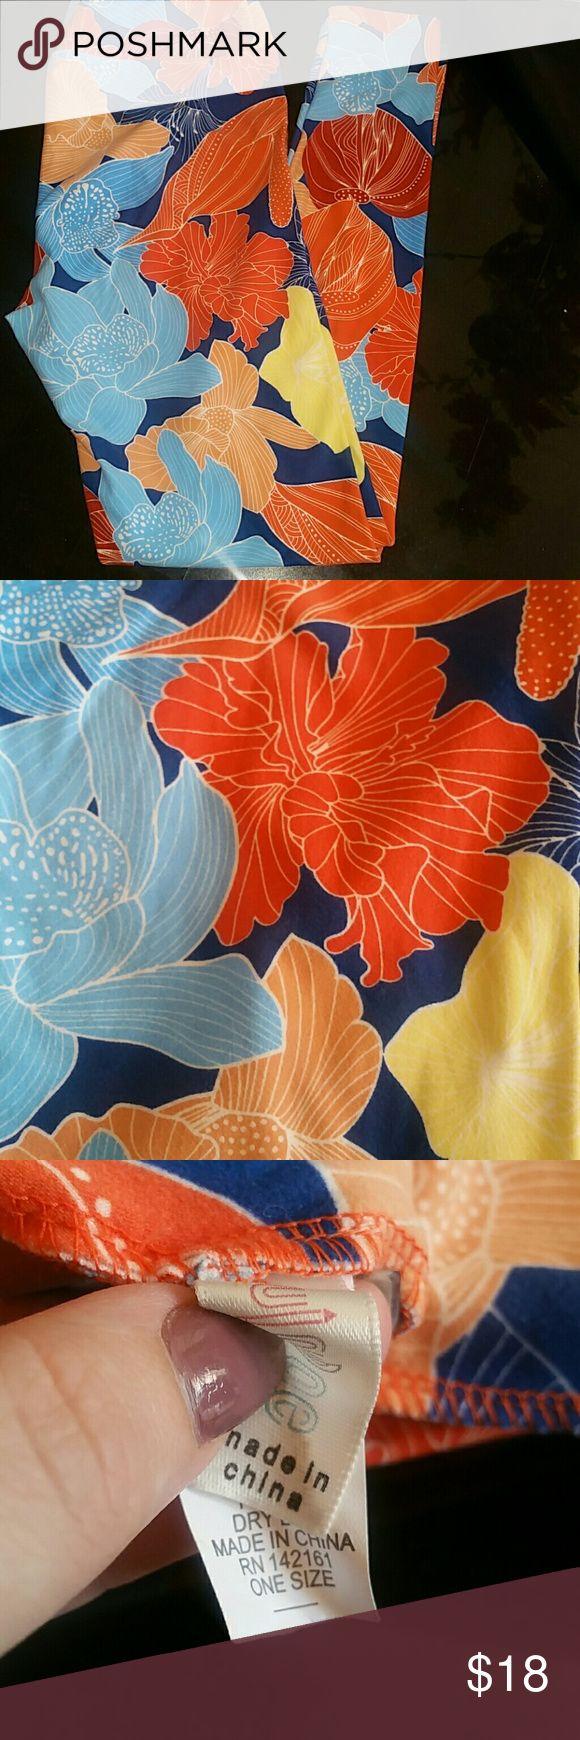 Ladies Leggings Brand new Ladies LuLaRoe leggings.  One size.  Floral print.  Navy background.  Washed once. LuLaRoe Pants Leggings